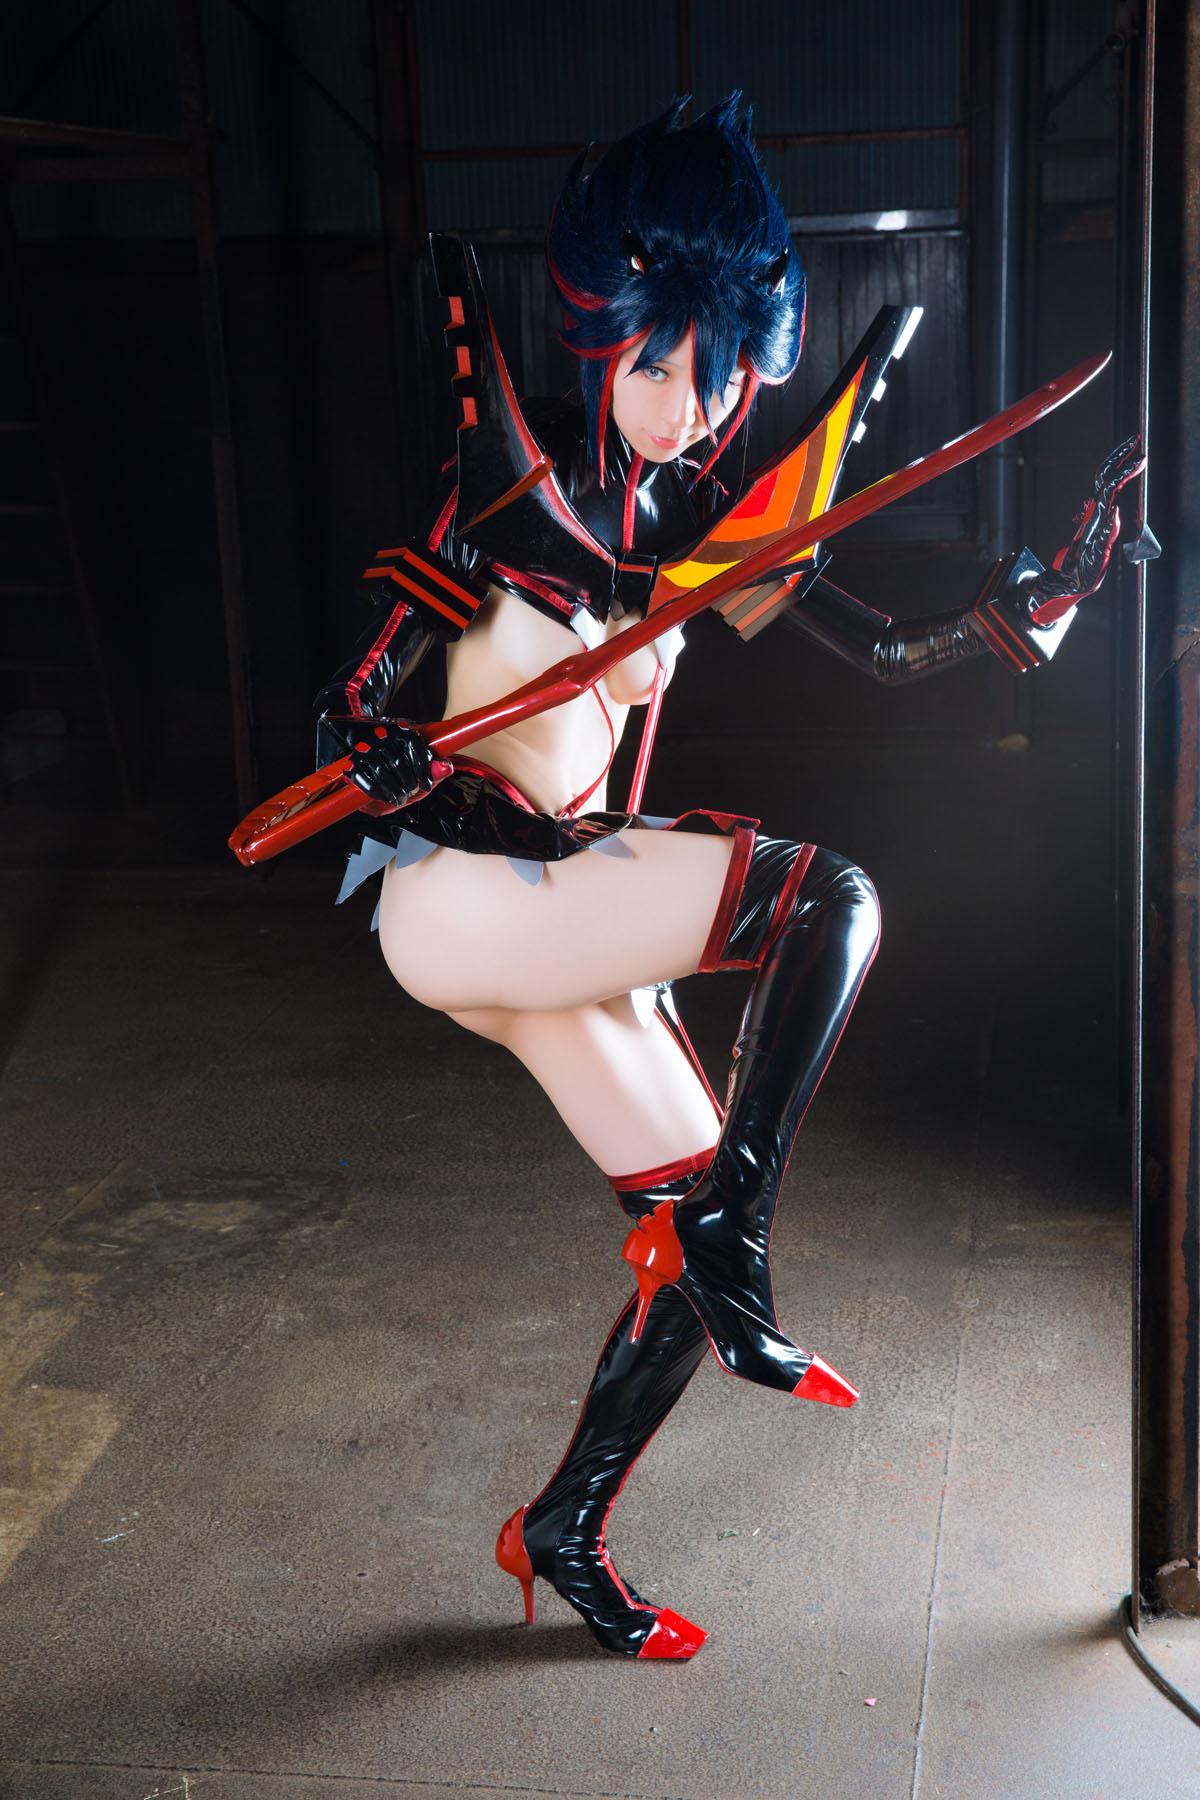 Kill la Kill Ryuuko Matoi anime cosplay by Mikehouse 0033